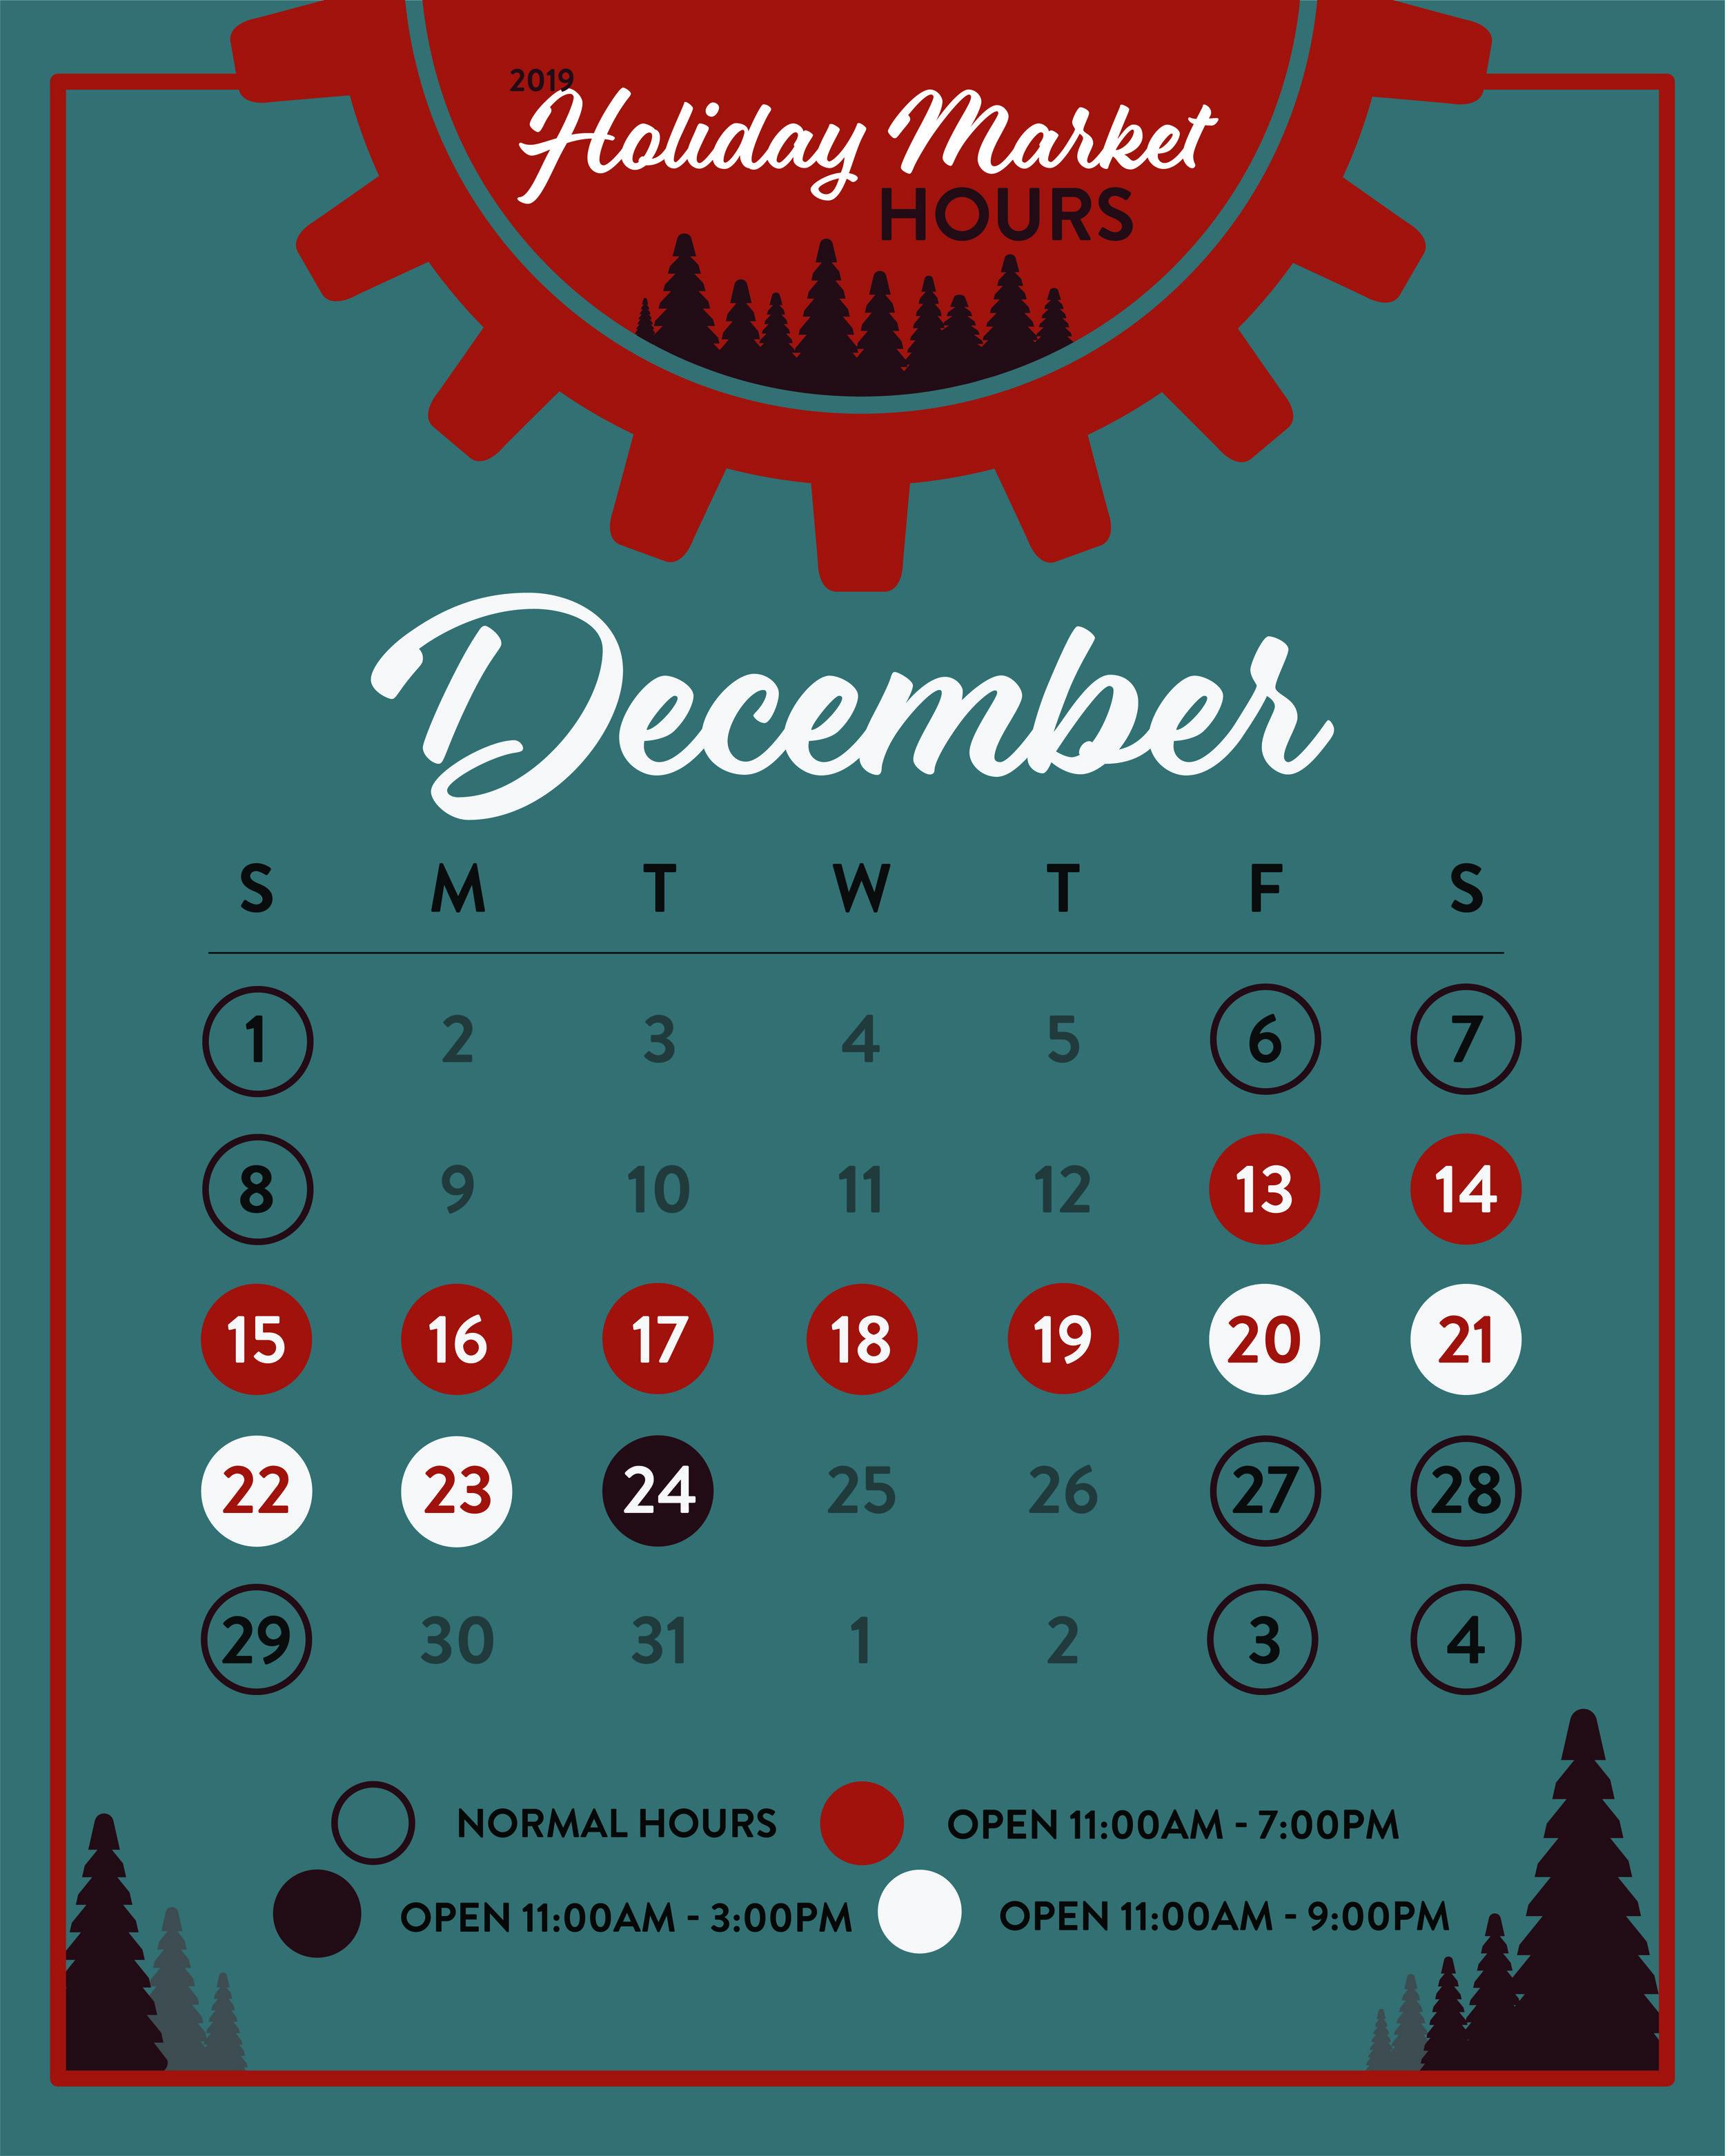 2019 holiday hours calendar